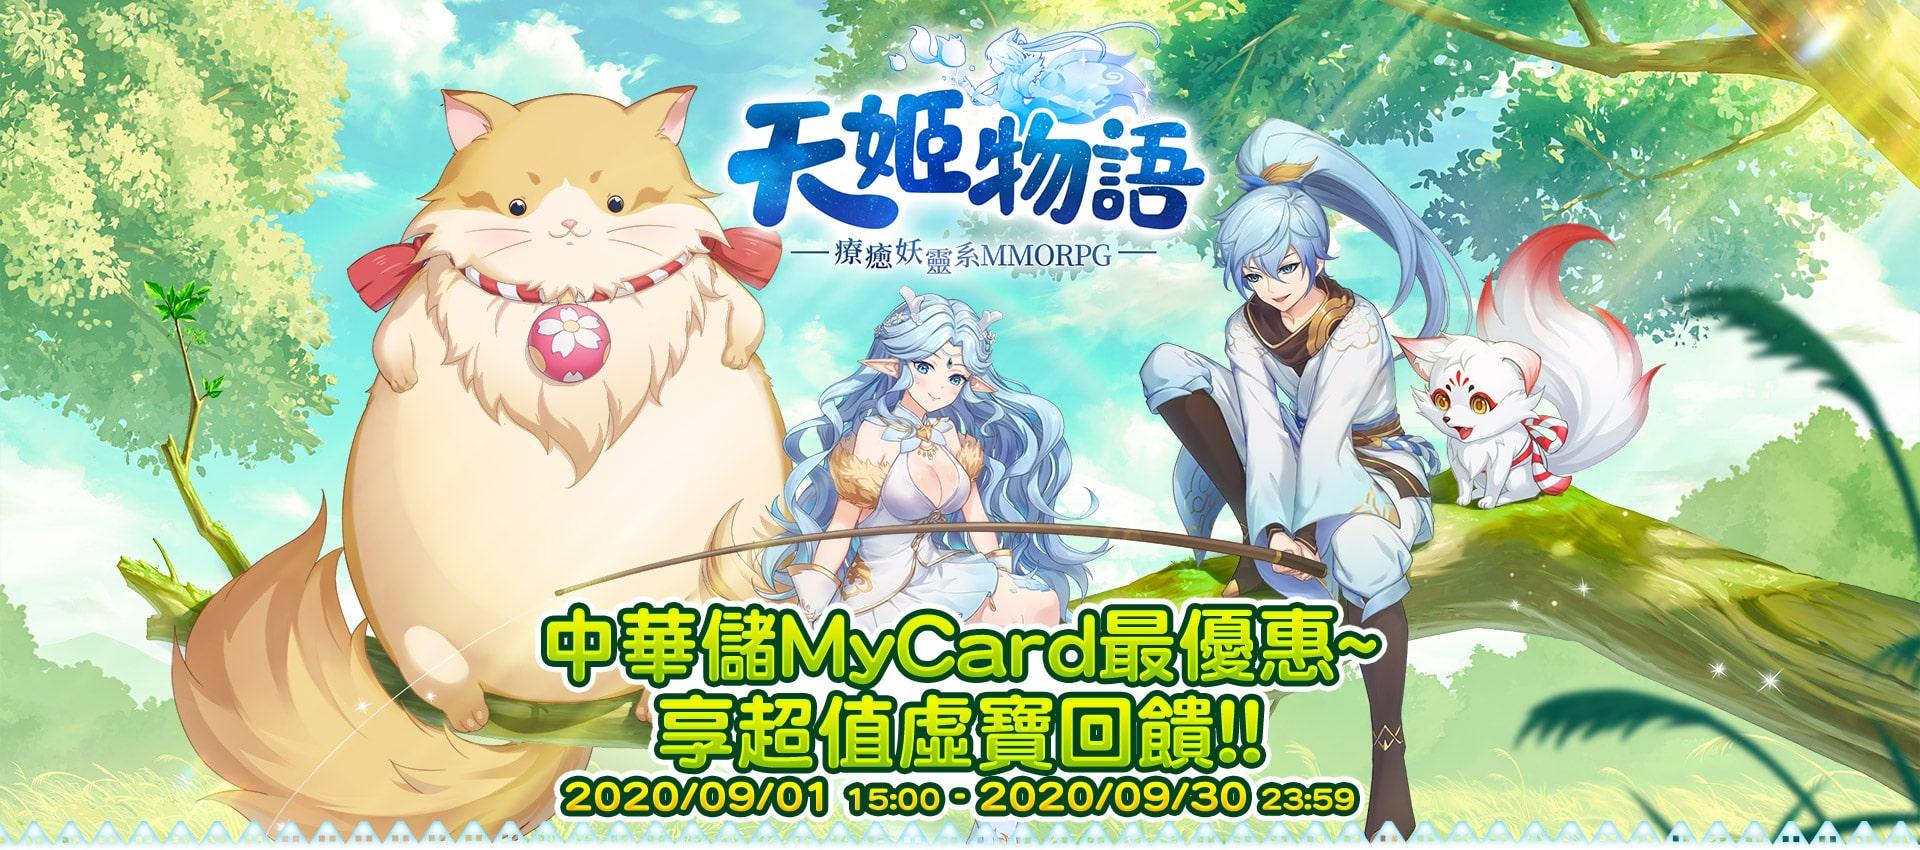 《天姬物語》中華儲MyCard最優惠~享超值虛寶回饋!!